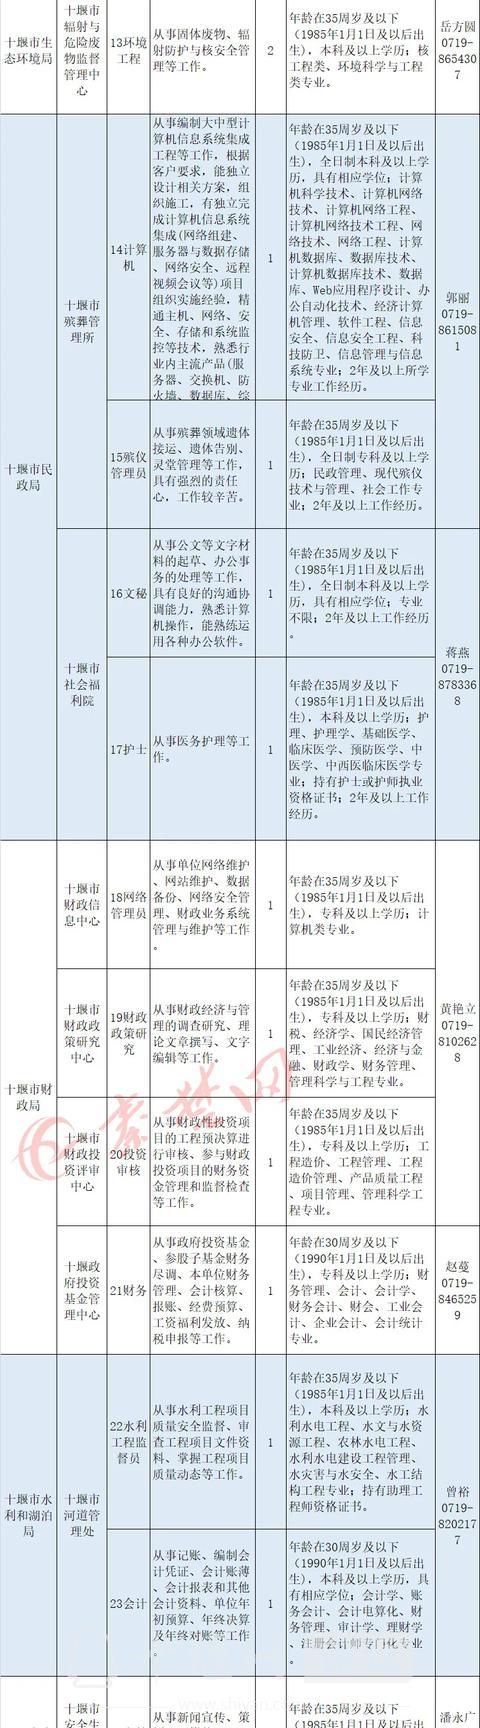 十堰启动事业单位大规模招聘,最全岗位表来了-2.jpg